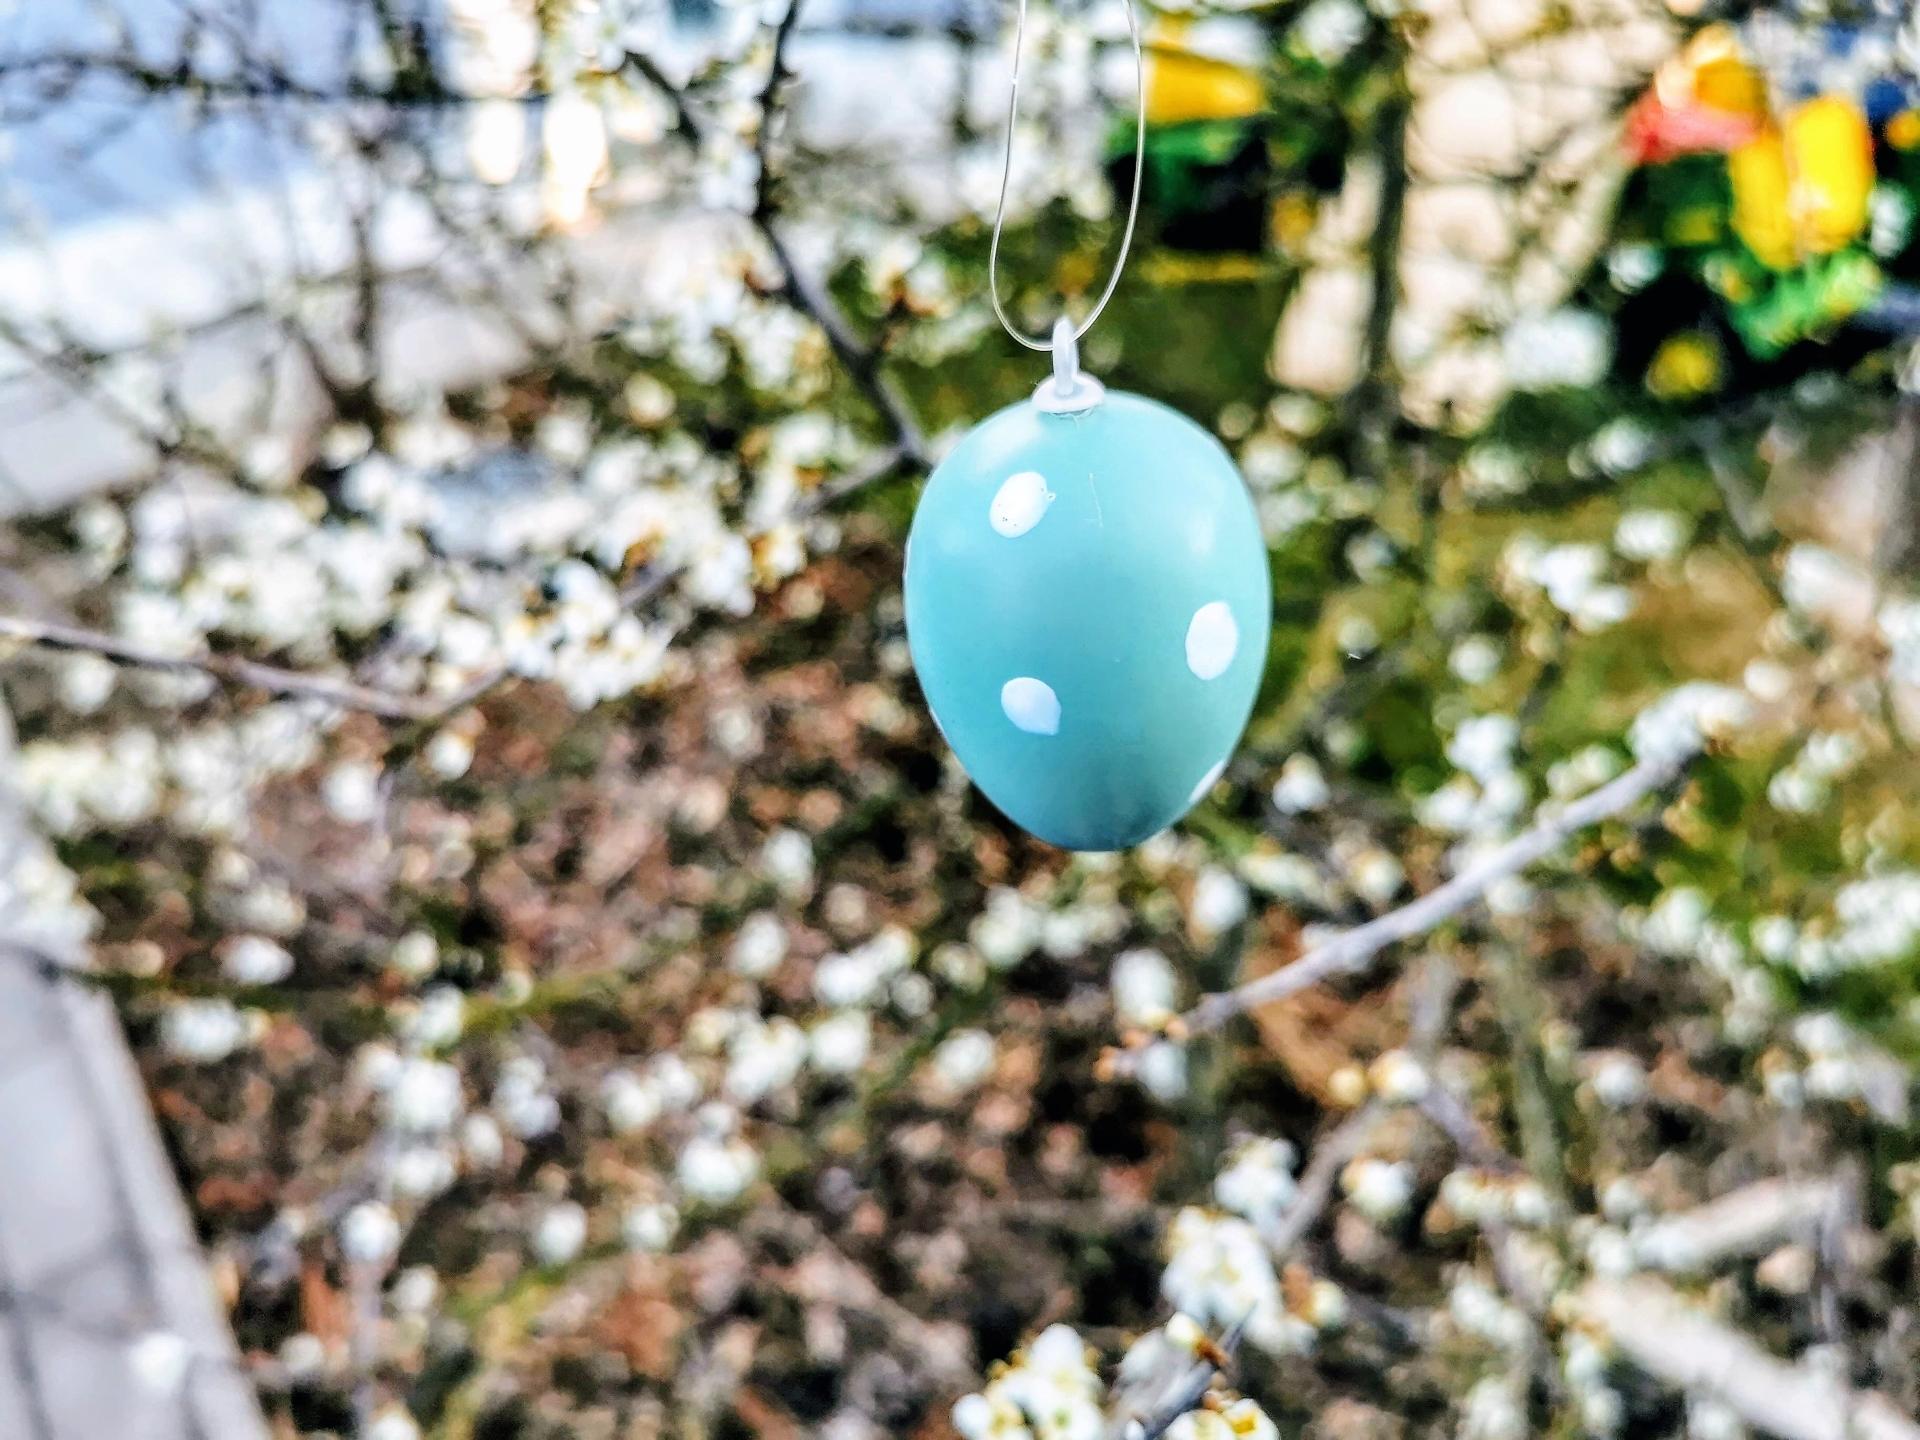 Mit meiner Bucketlist für die Osterferien wird dir nicht langweilig. Einfache und tolle Ideen für die ganze Familie findest du auf Puddingklecks, dem Großfamilienblog mit Herz